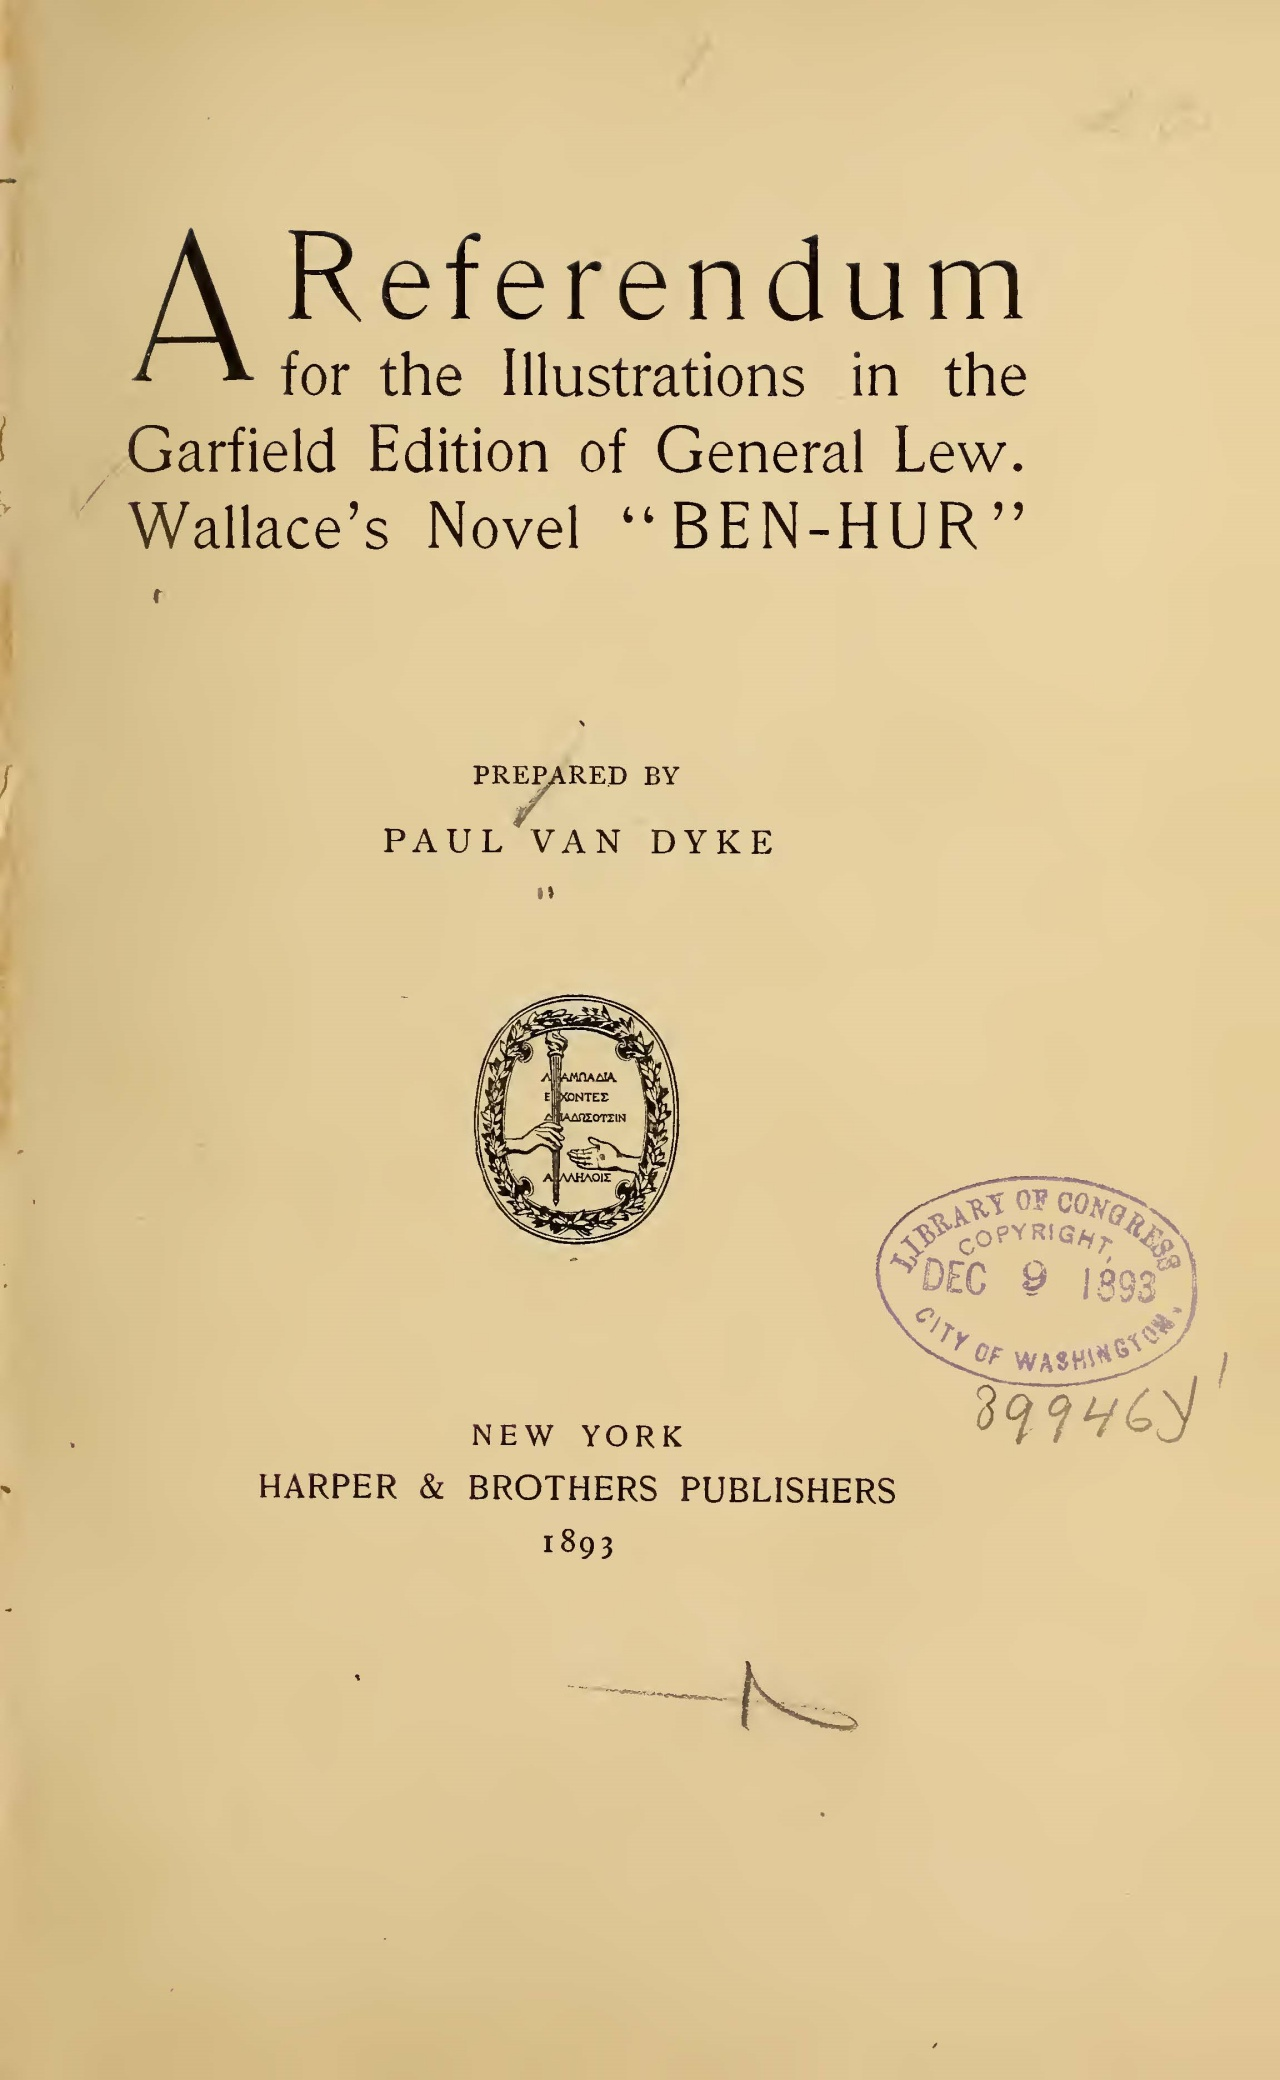 Van Dyke, Paul, A Referendum Title Page.jpg